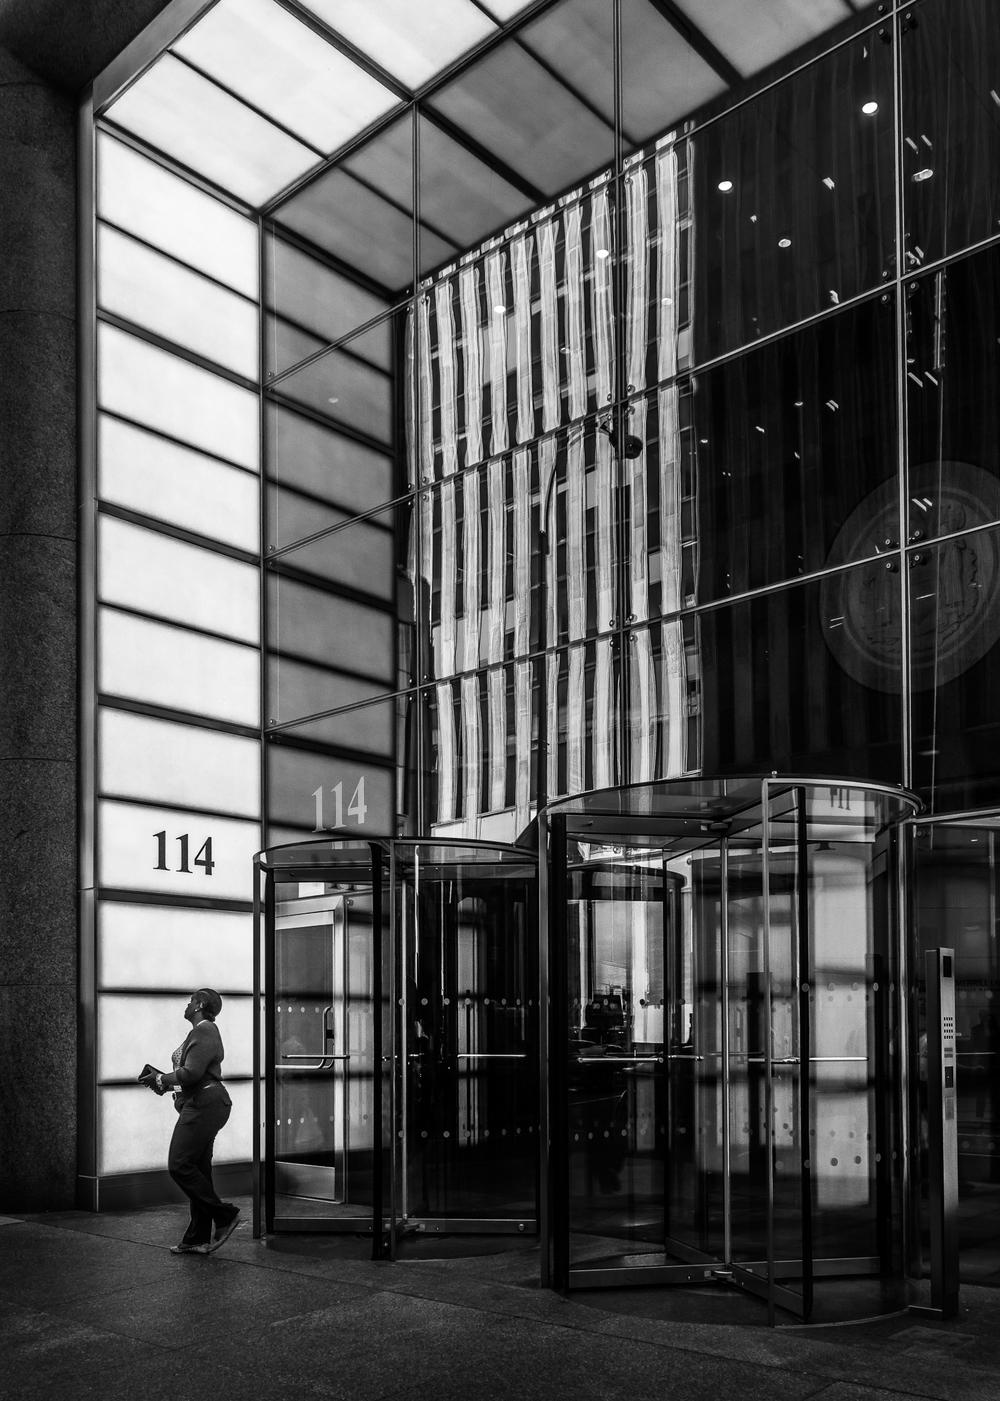 NYC-_HWF5757.jpg